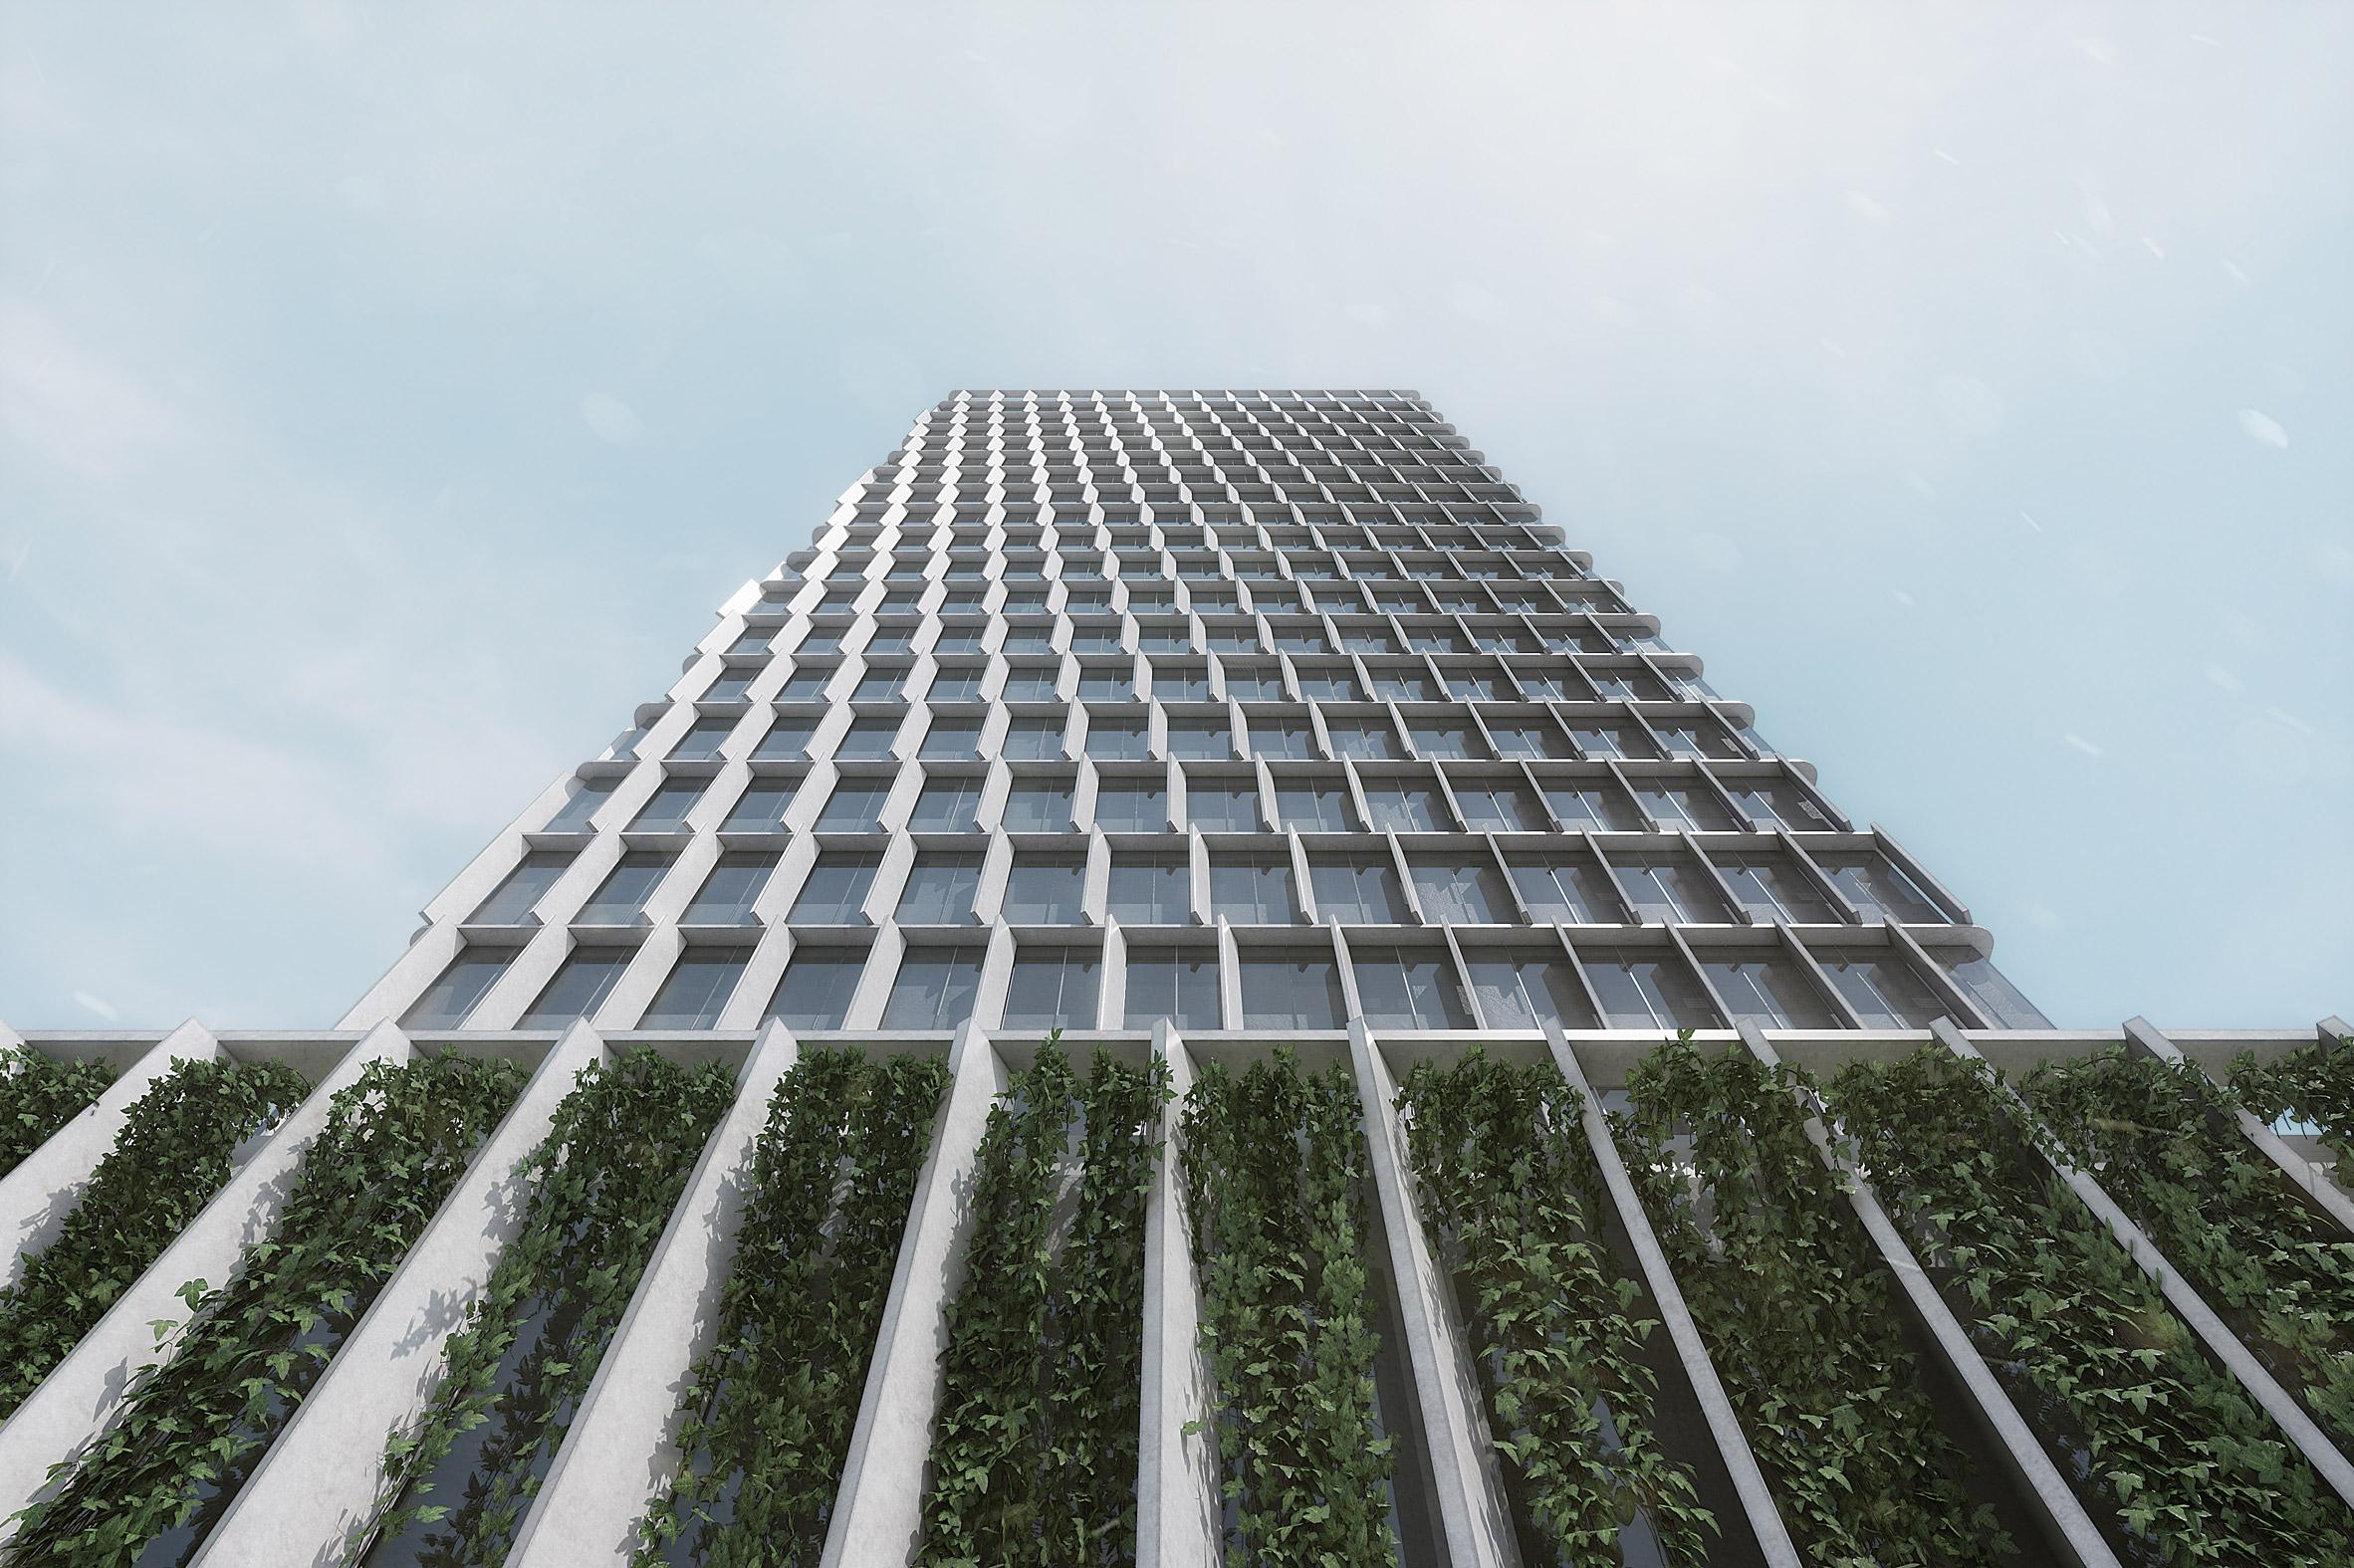 PILA designs facades to rejuvenate Greece's long-abandoned Piraeus Tower